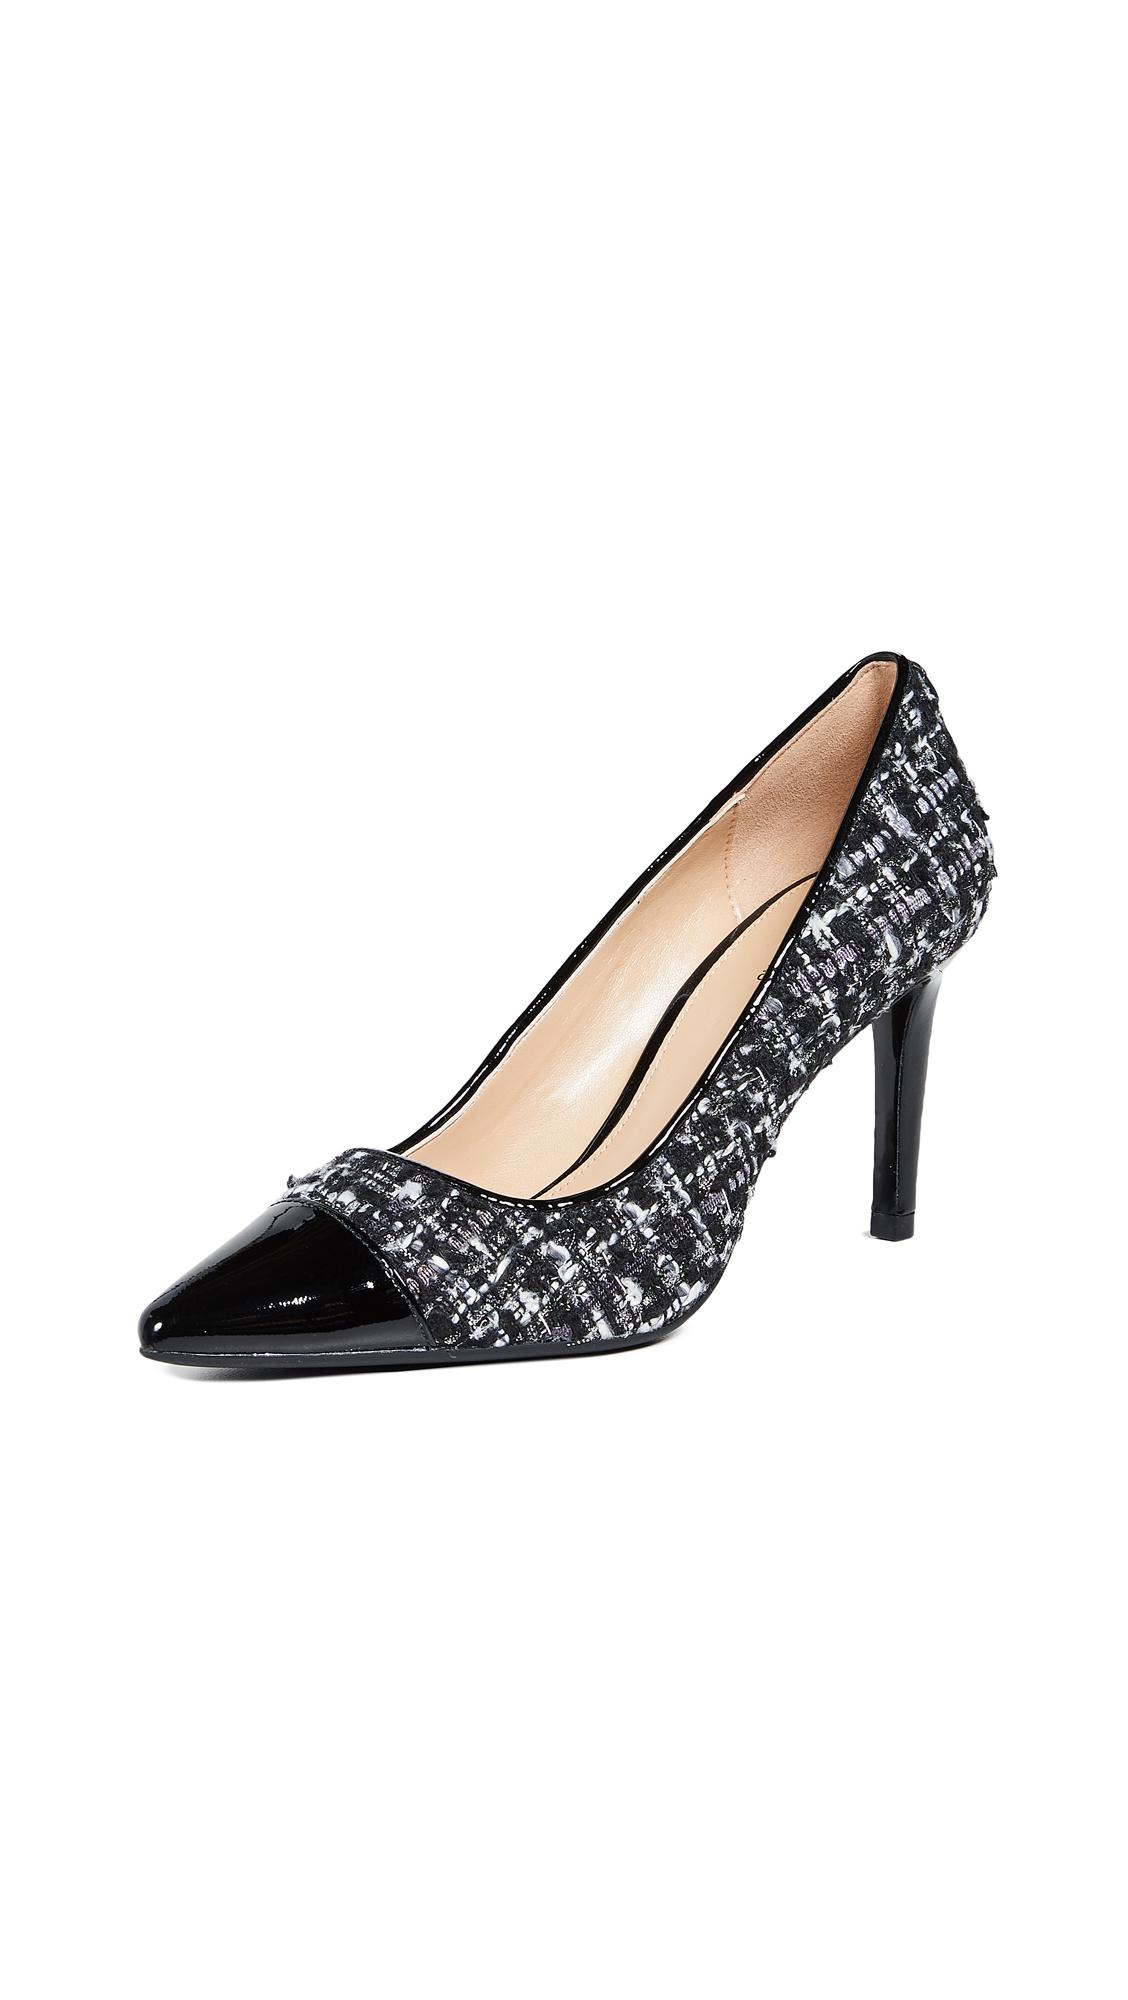 MICHAEL Michael Kors Dorothy Flex Mid Toe Cap Pumps - Black/Silver